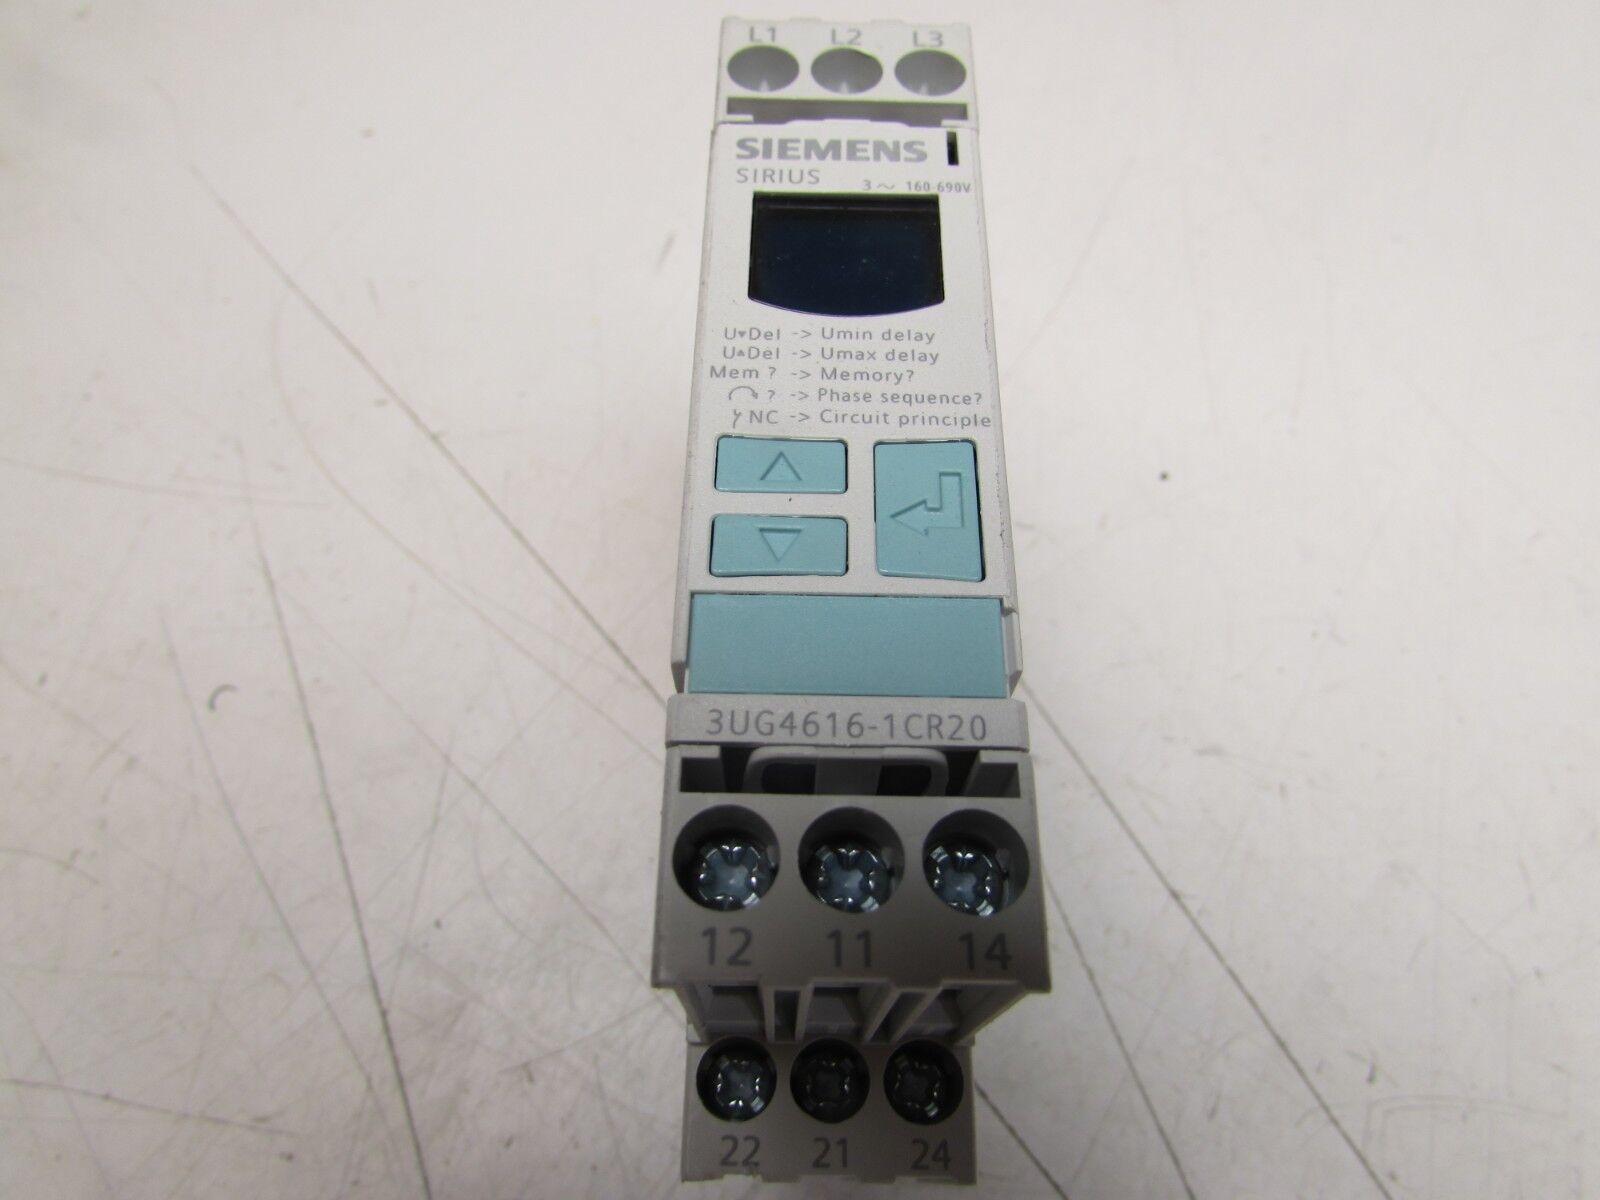 Siemens 3ug4616 1cr20 Monitoring Relay Three Phase Voltage Ltspice Spdt Insulation Ebay